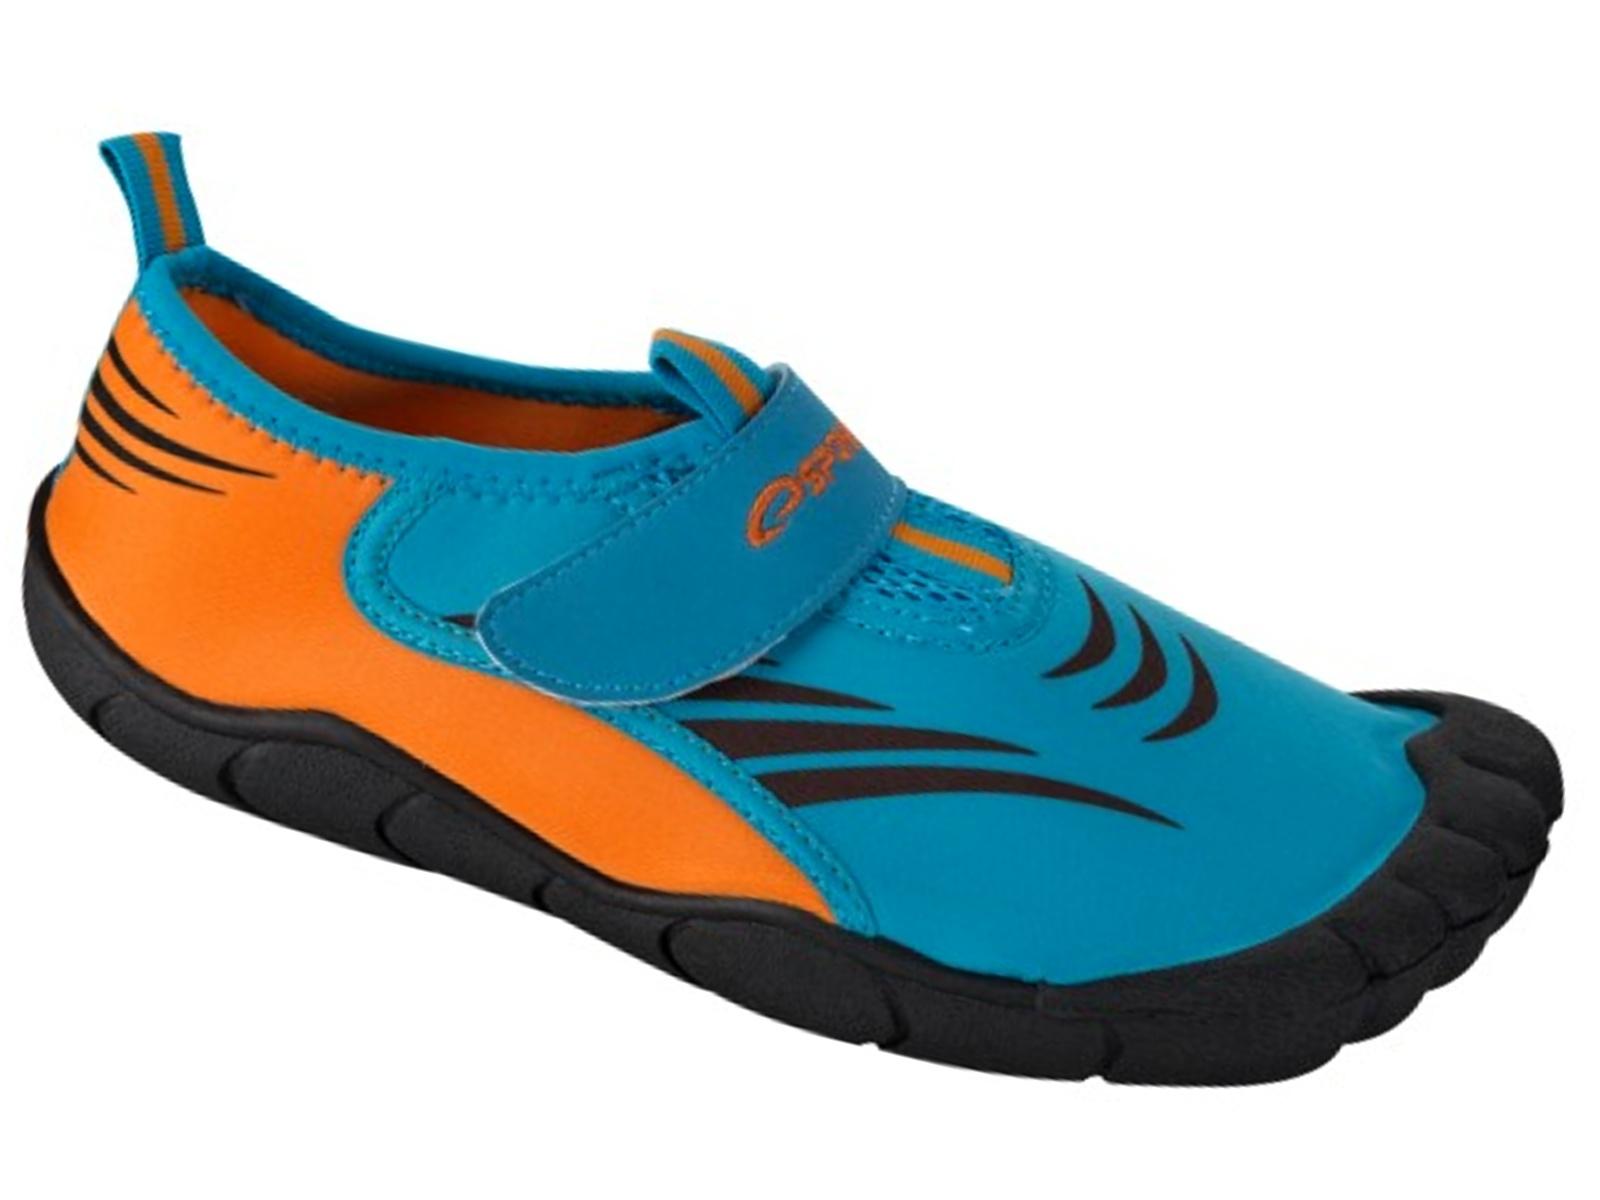 Boty do vody SPOKEY Seafoot pánské - vel. 44